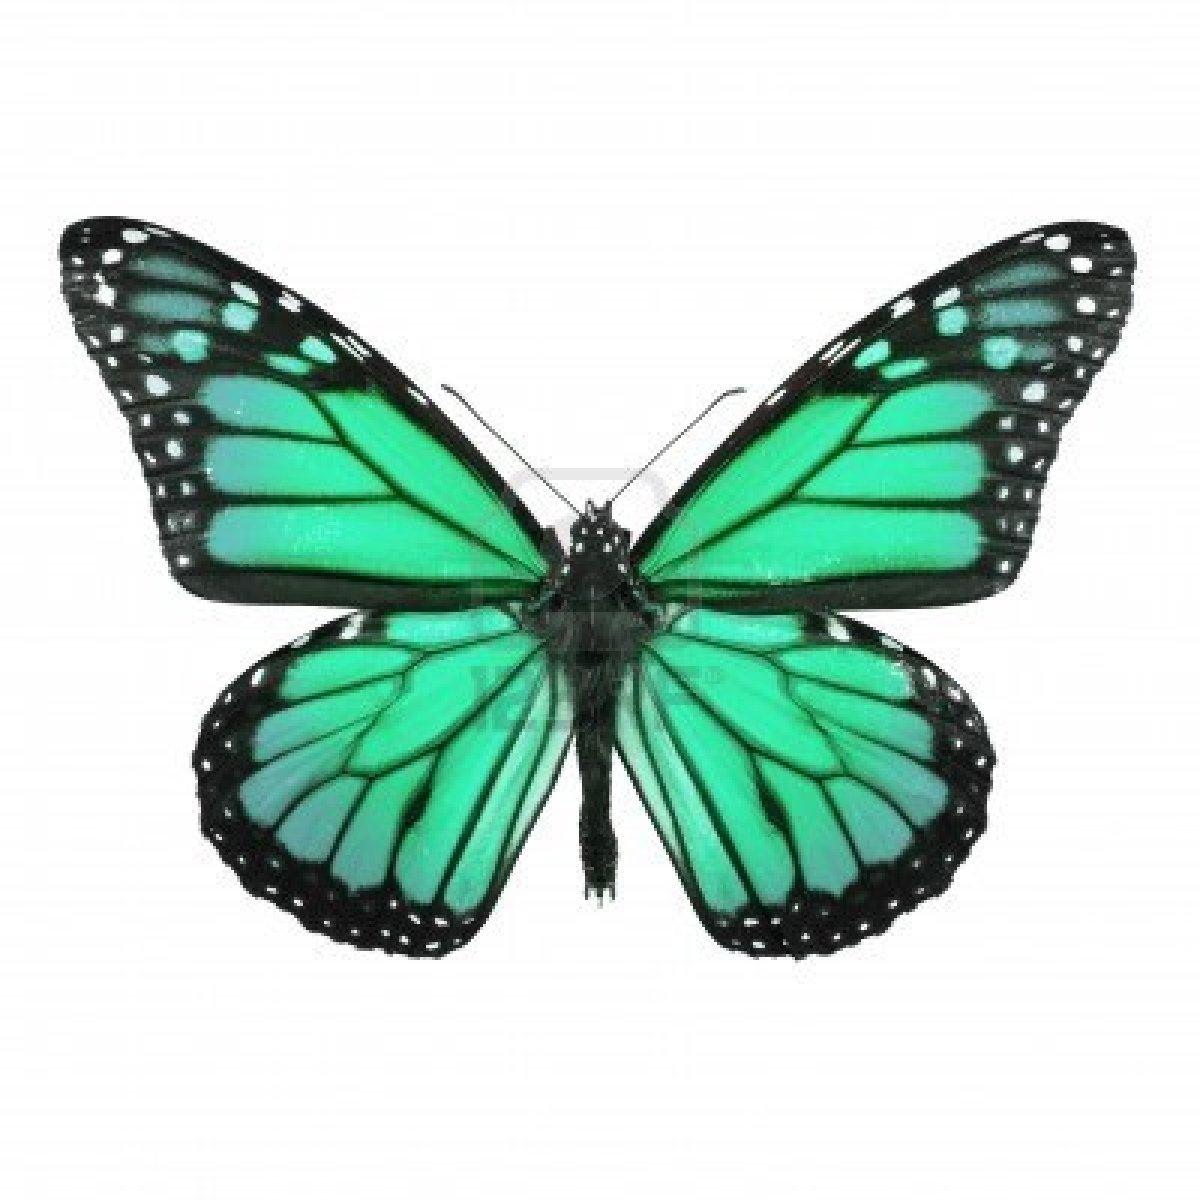 Dessins En Couleurs À Imprimer : Papillon, Numéro : 158552 encequiconcerne Dessin A Imprimer Papillon Gratuit